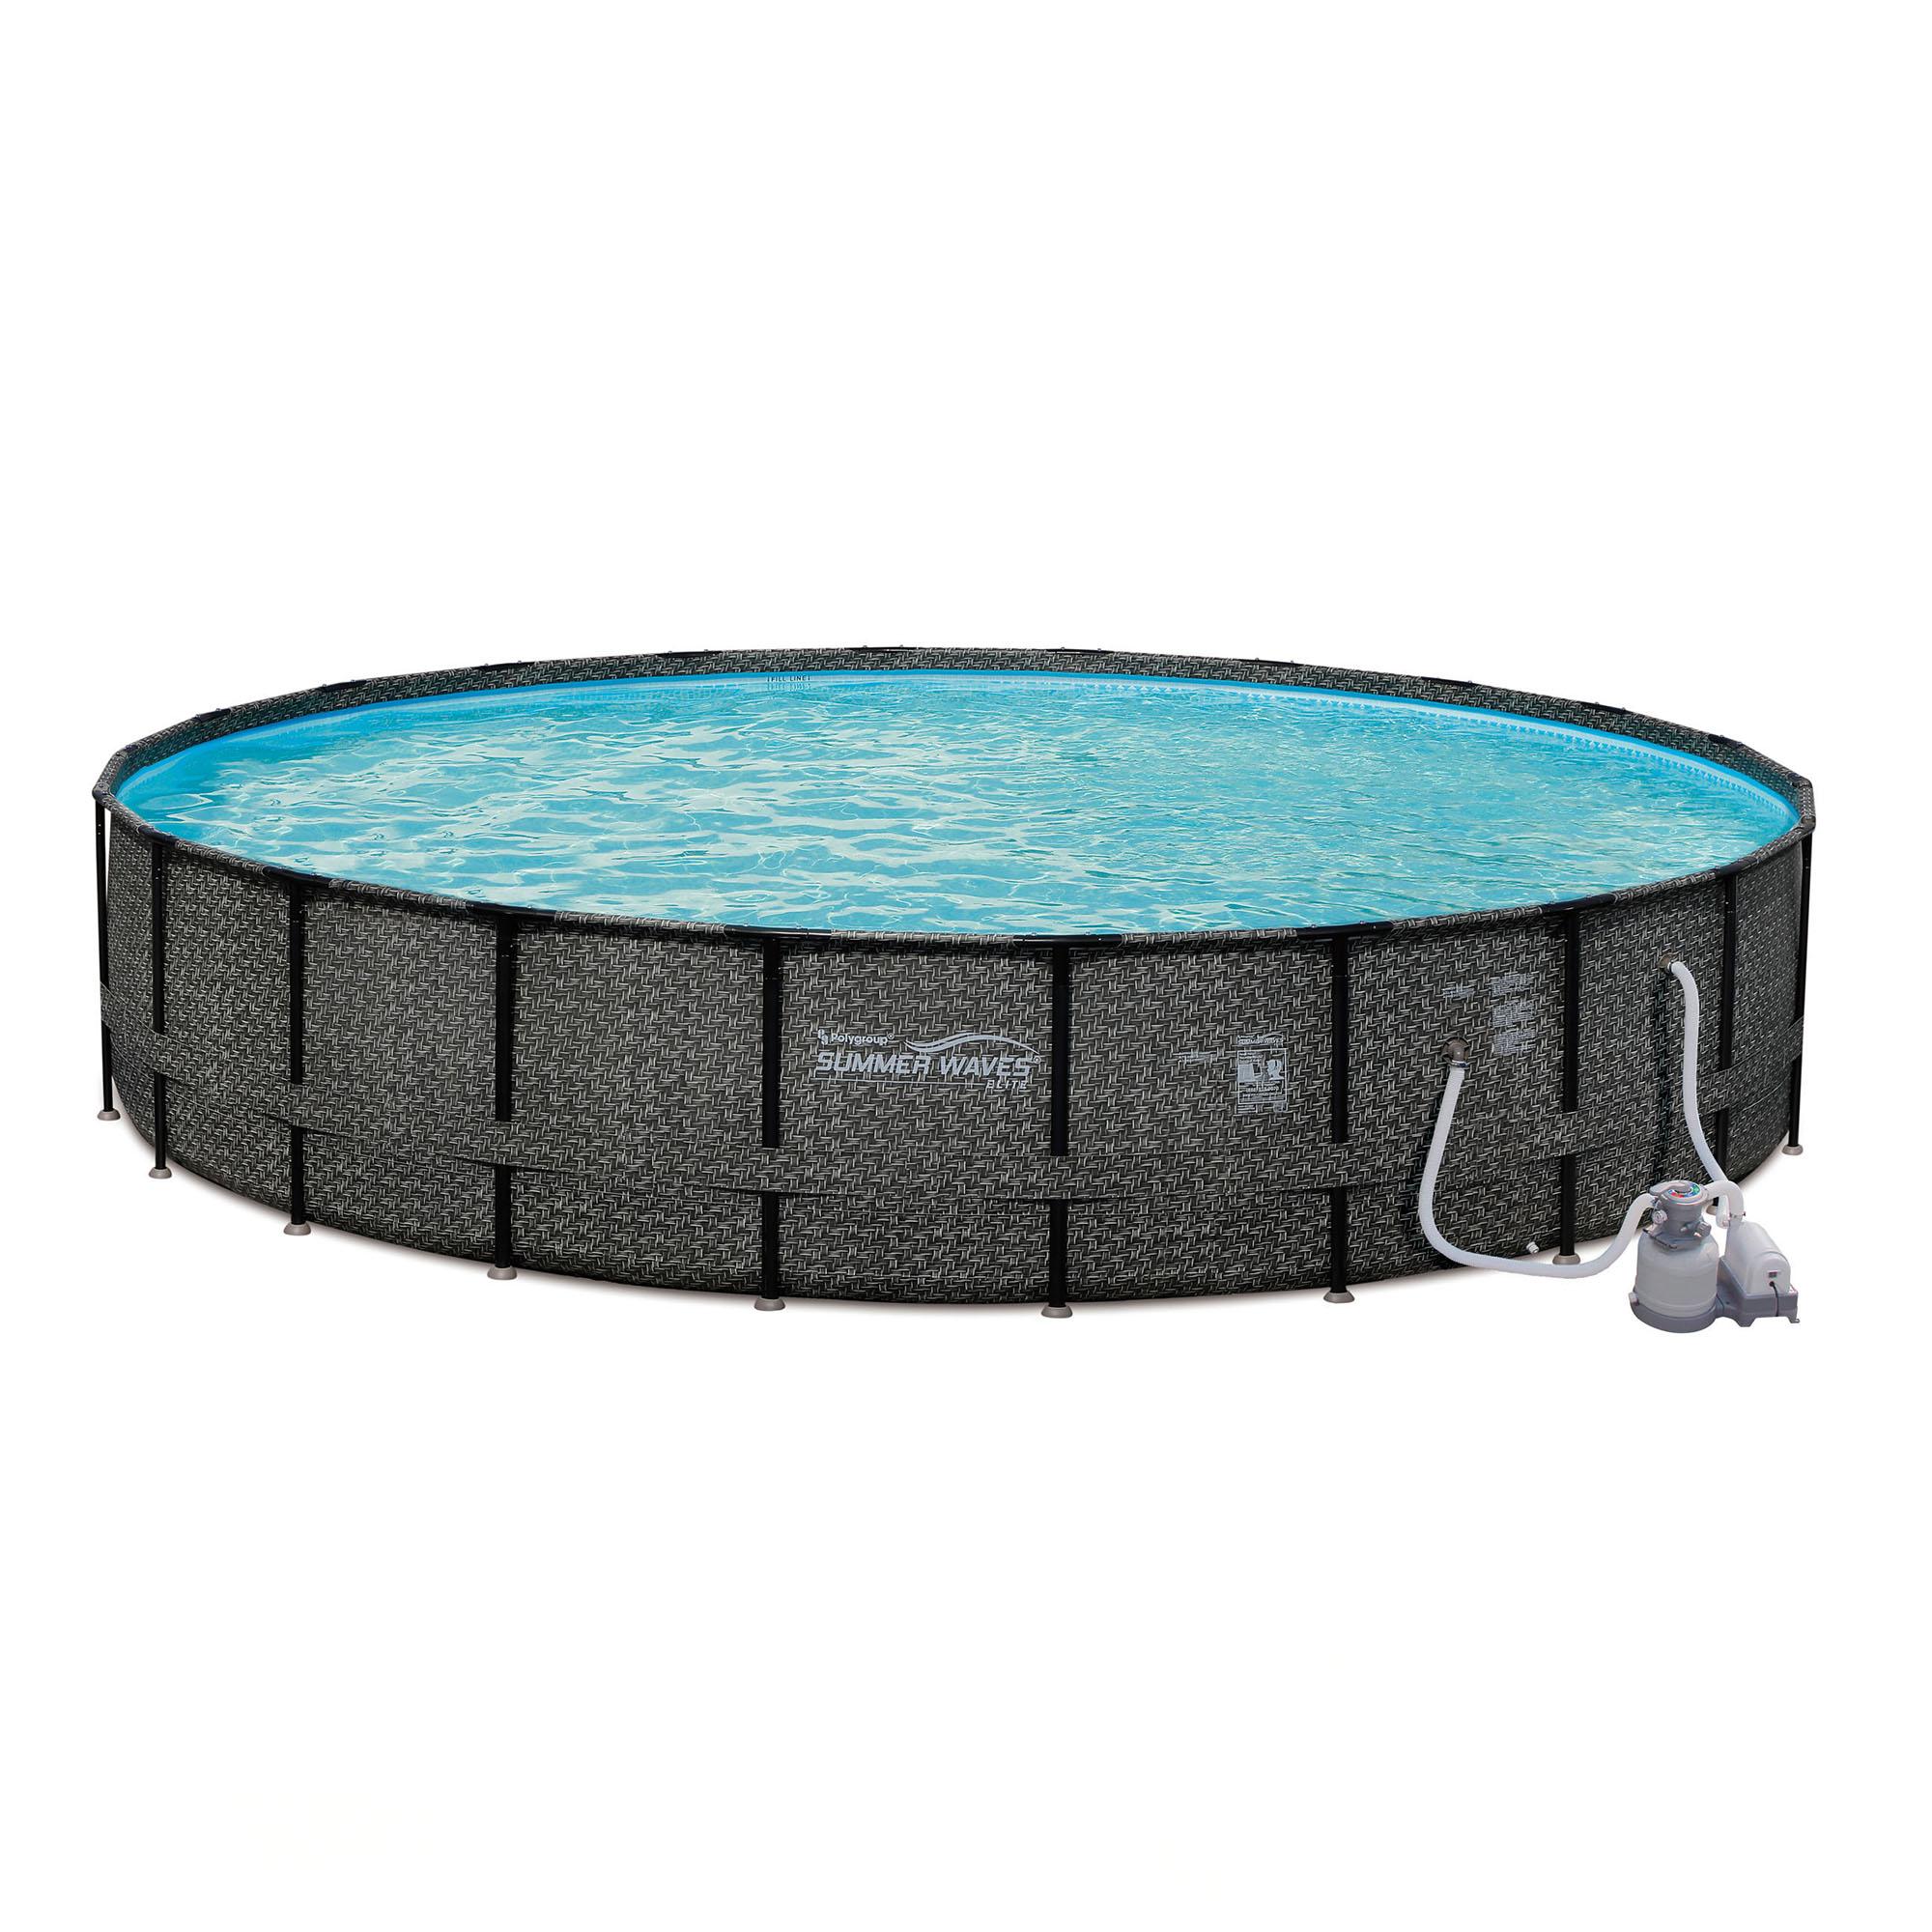 """Summer Waves Elite Wicker 24' x 52"""" Above Ground Frame Pool Set w/ Sand Pump"""